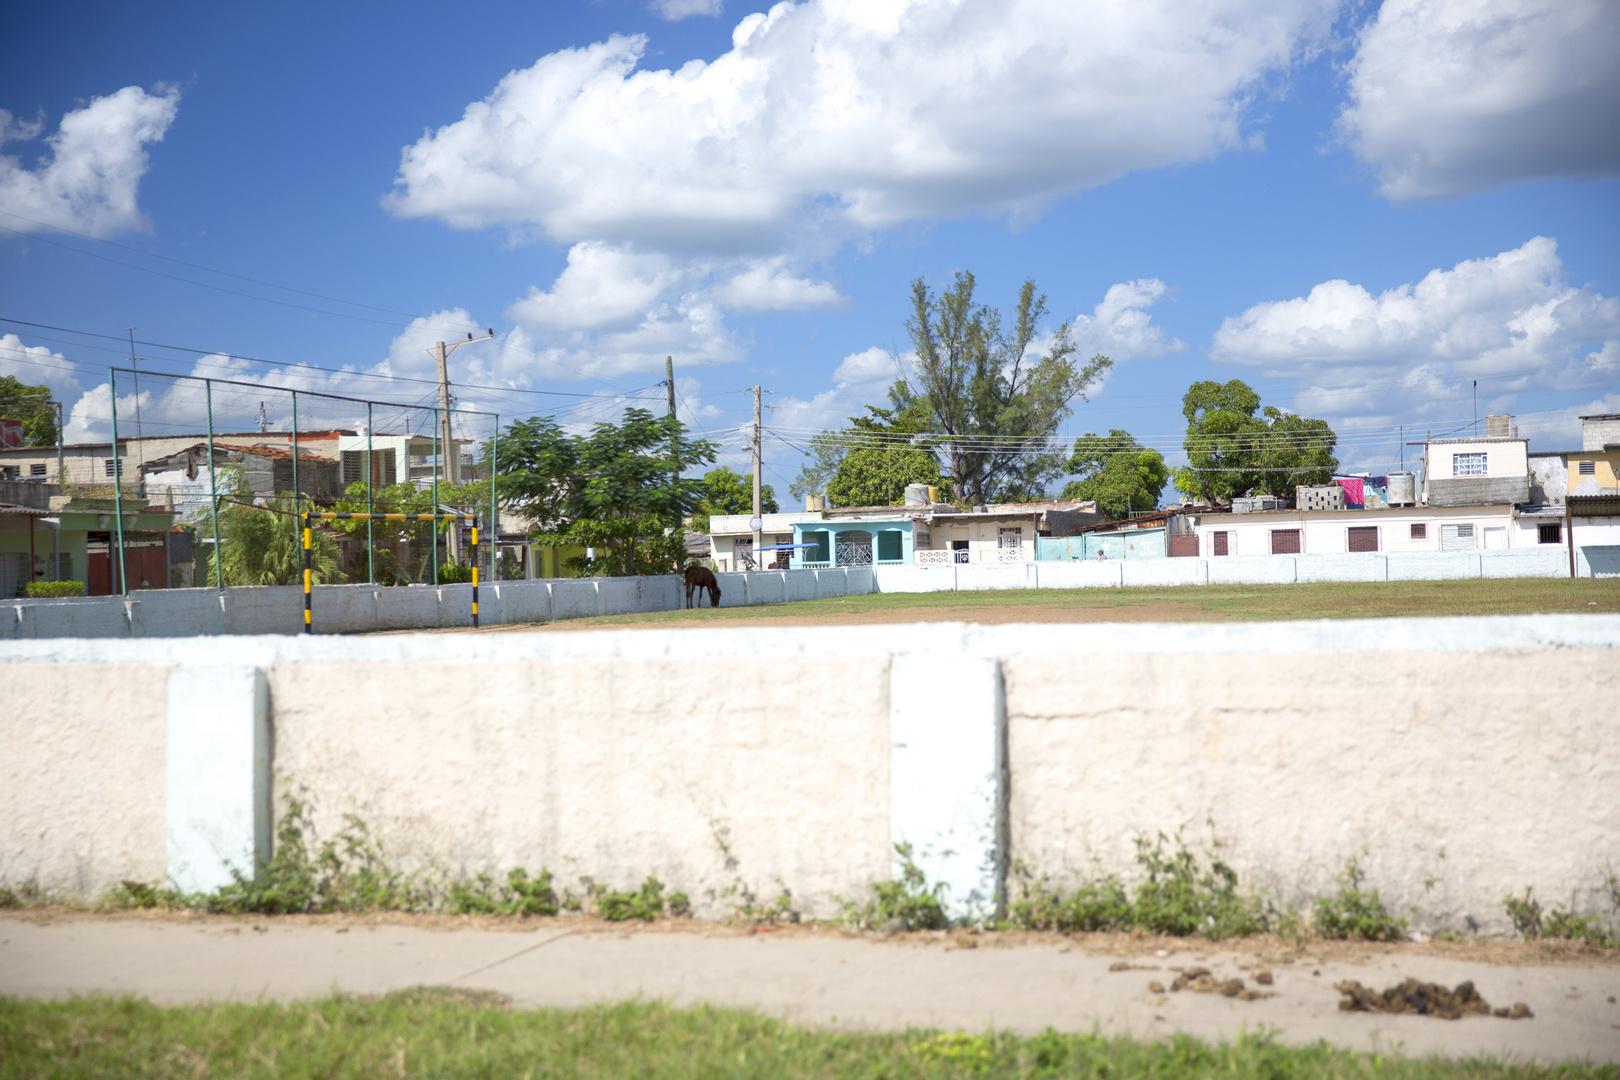 Rasenmaher Im Stadion Foto Bild Kuba Dokumentation